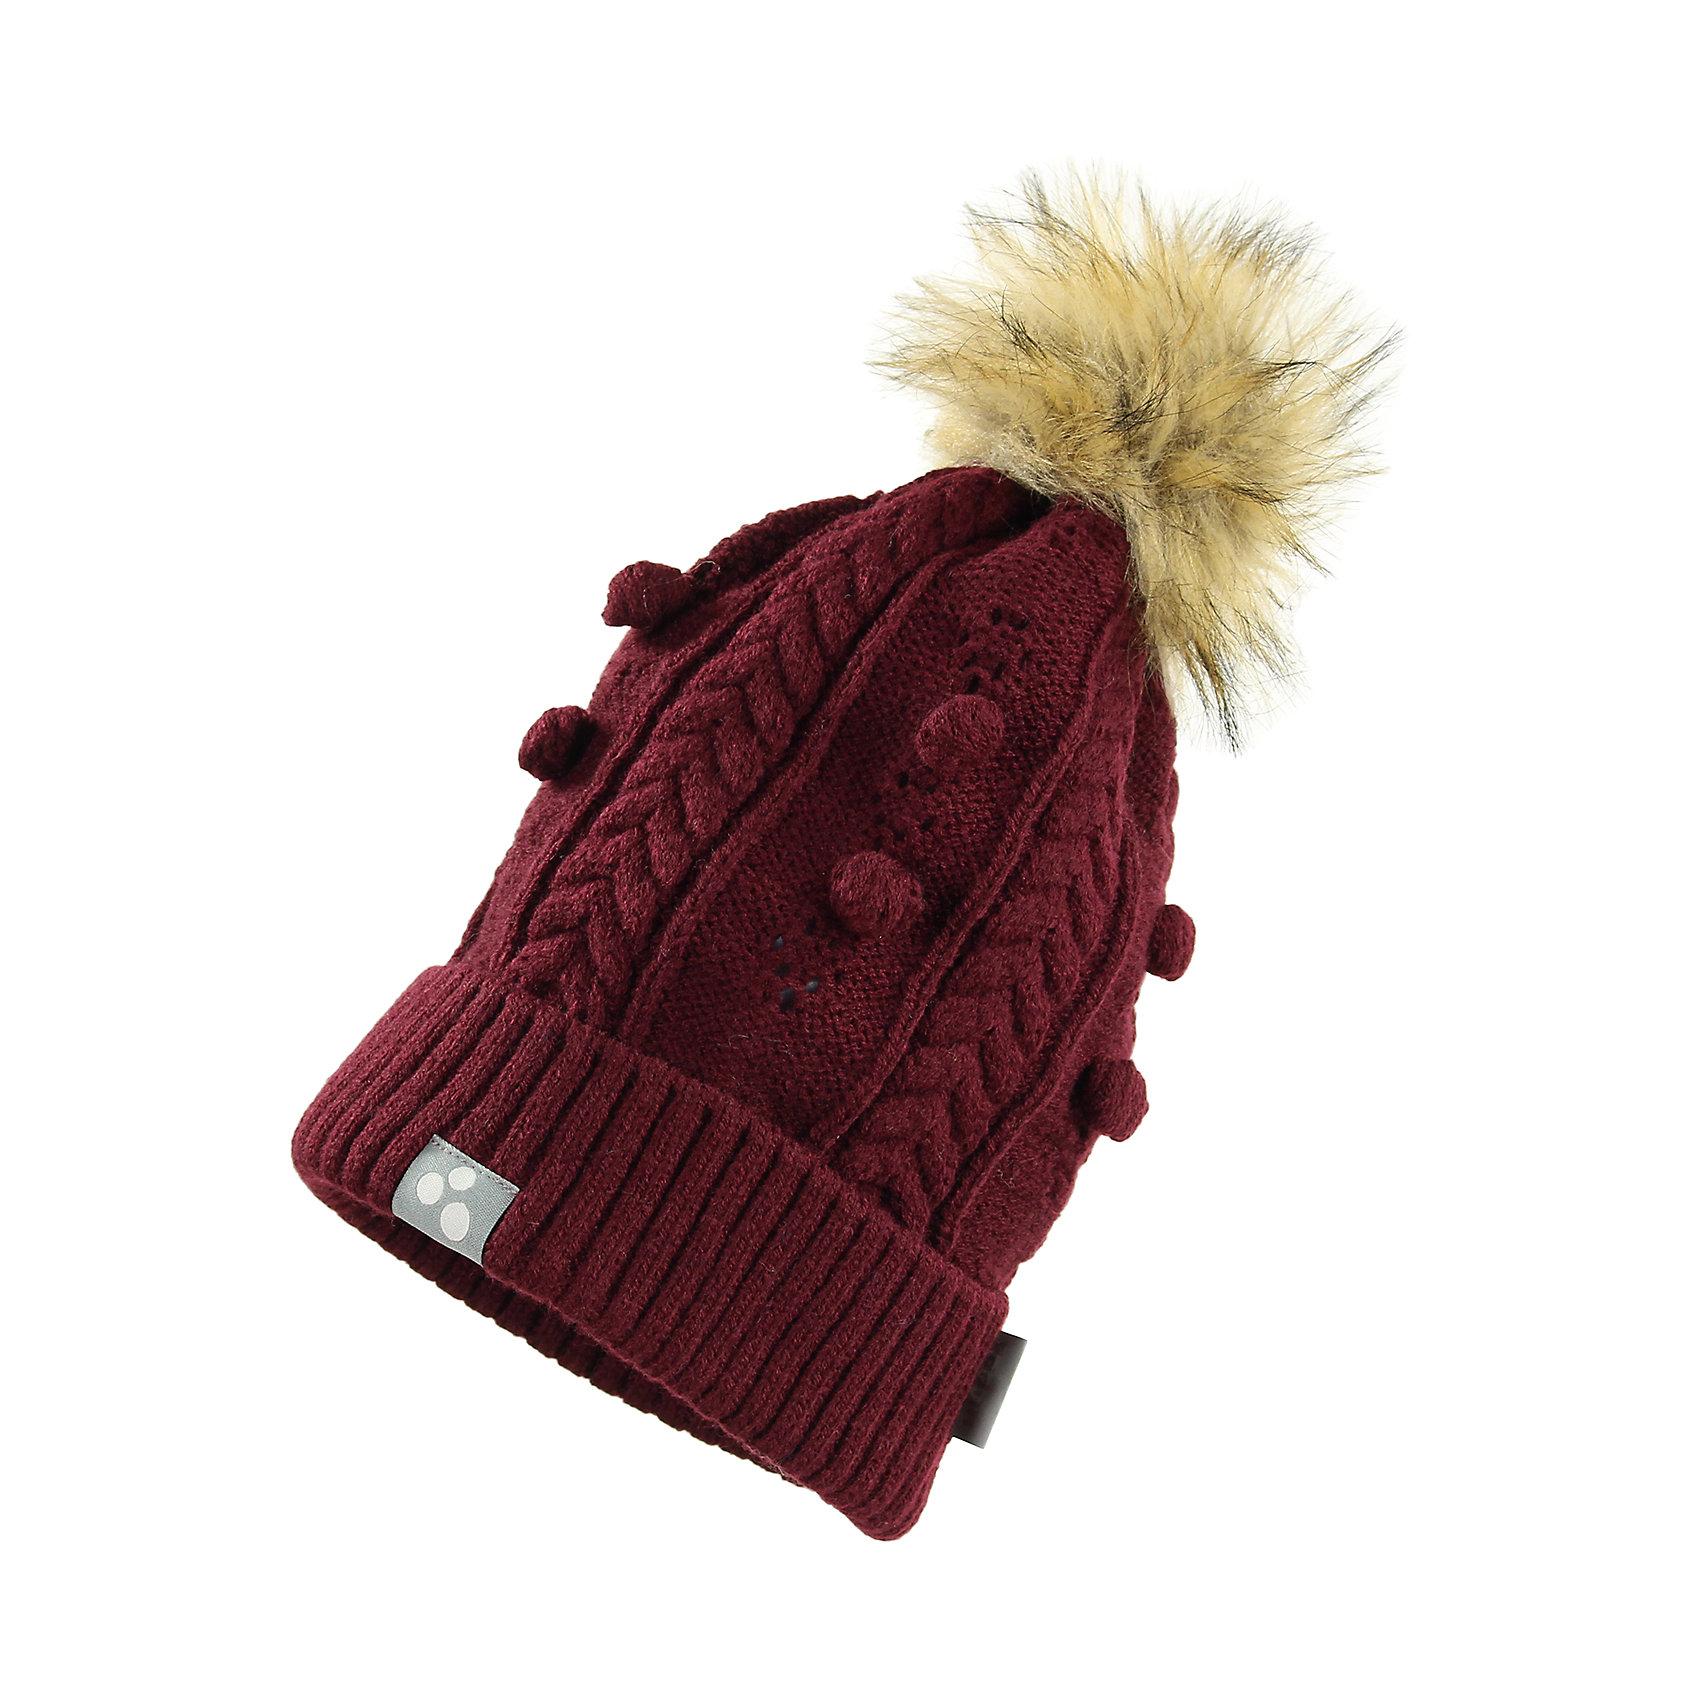 Шапка для девочки HuppaЗимние<br>Милая зимняя вязаная шапка для девочек. Для защиты от холодной погоды шапка связана двойной акриловой пряжей, а вязанный резинкой край завернут. Для украшения на шапке имеется красивый узор и симпатичный меховой помпон, привлекающий внимание. Шапка хорошо сочетается с разной верхней одеждой для девочек.<br><br>Шапку для девочки Huppa (Хуппа) можно купить в нашем магазине.<br><br>Ширина мм: 89<br>Глубина мм: 117<br>Высота мм: 44<br>Вес г: 155<br>Цвет: бордовый<br>Возраст от месяцев: 144<br>Возраст до месяцев: 168<br>Пол: Женский<br>Возраст: Детский<br>Размер: 57,55-57,51-53<br>SKU: 4242976